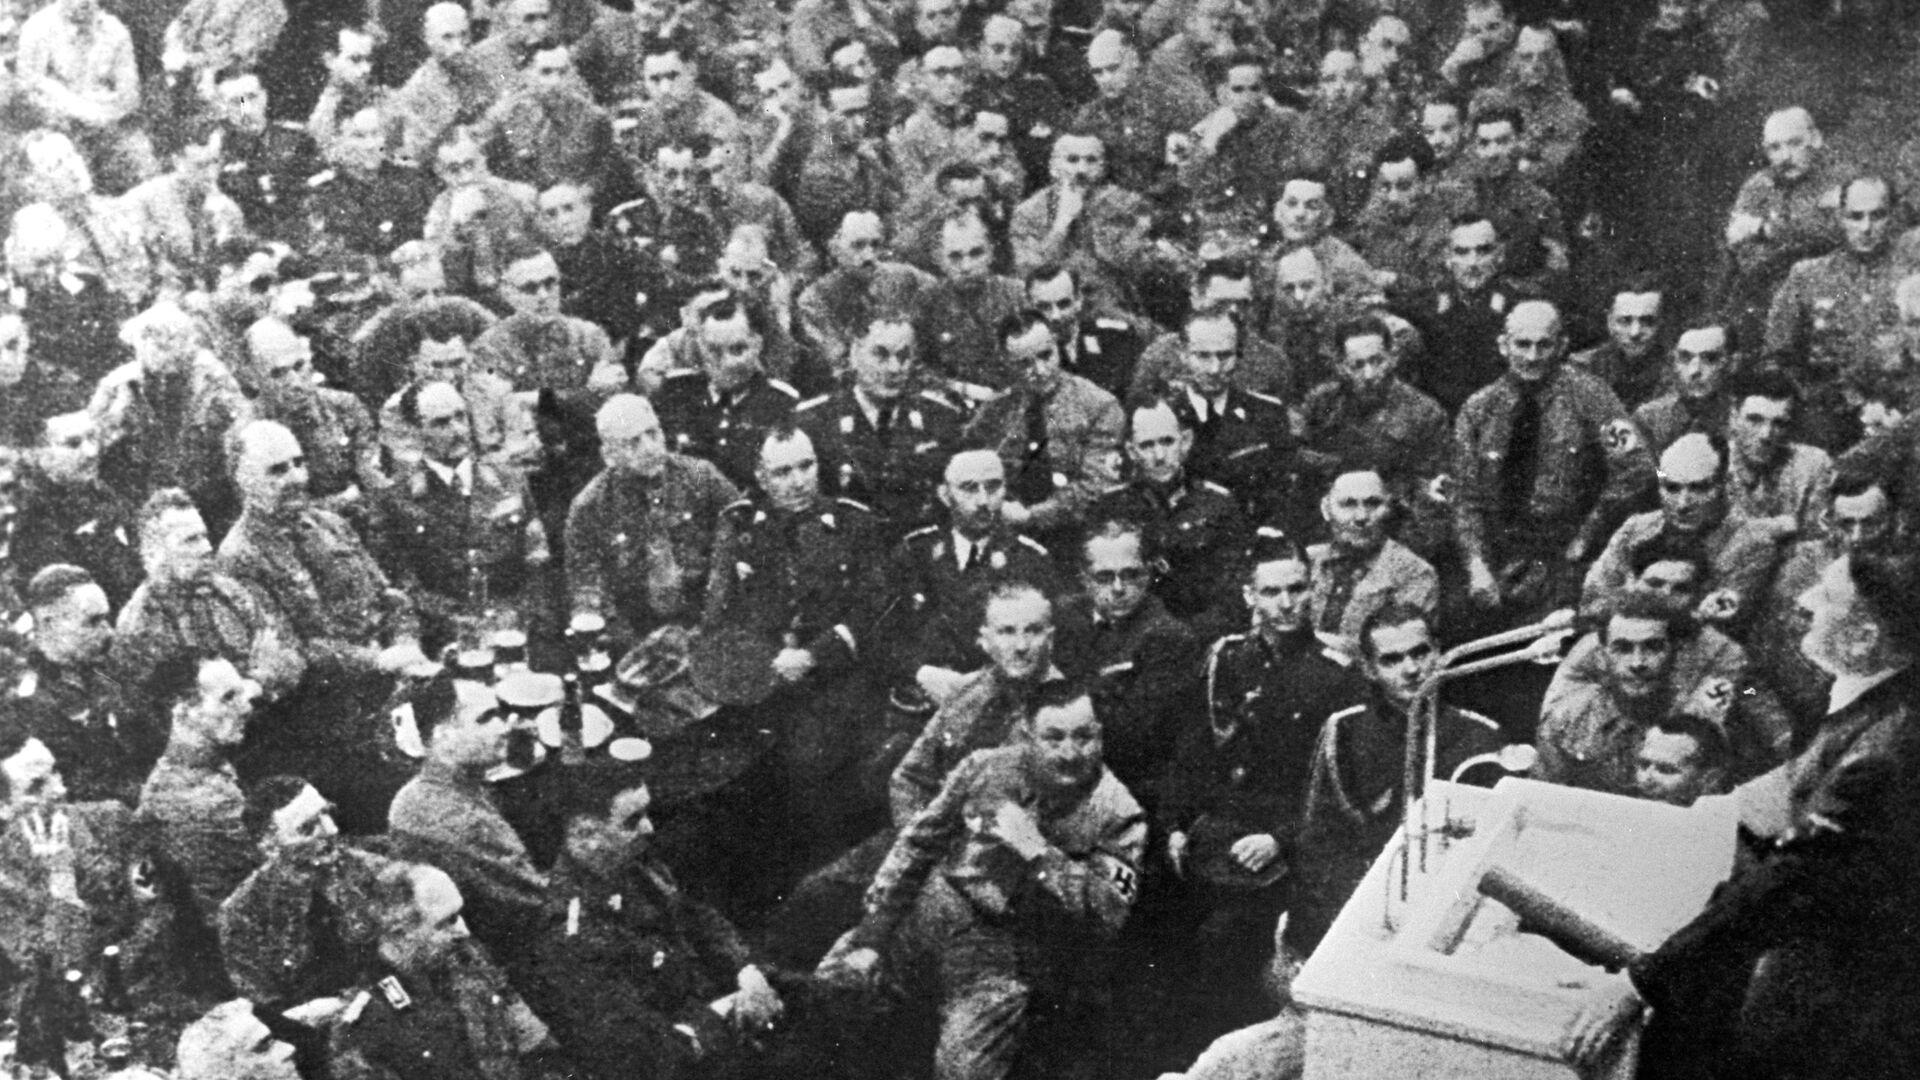 Выступление на офицерском собрание фюрера Адольфа Гитлера - РИА Новости, 1920, 18.12.2020